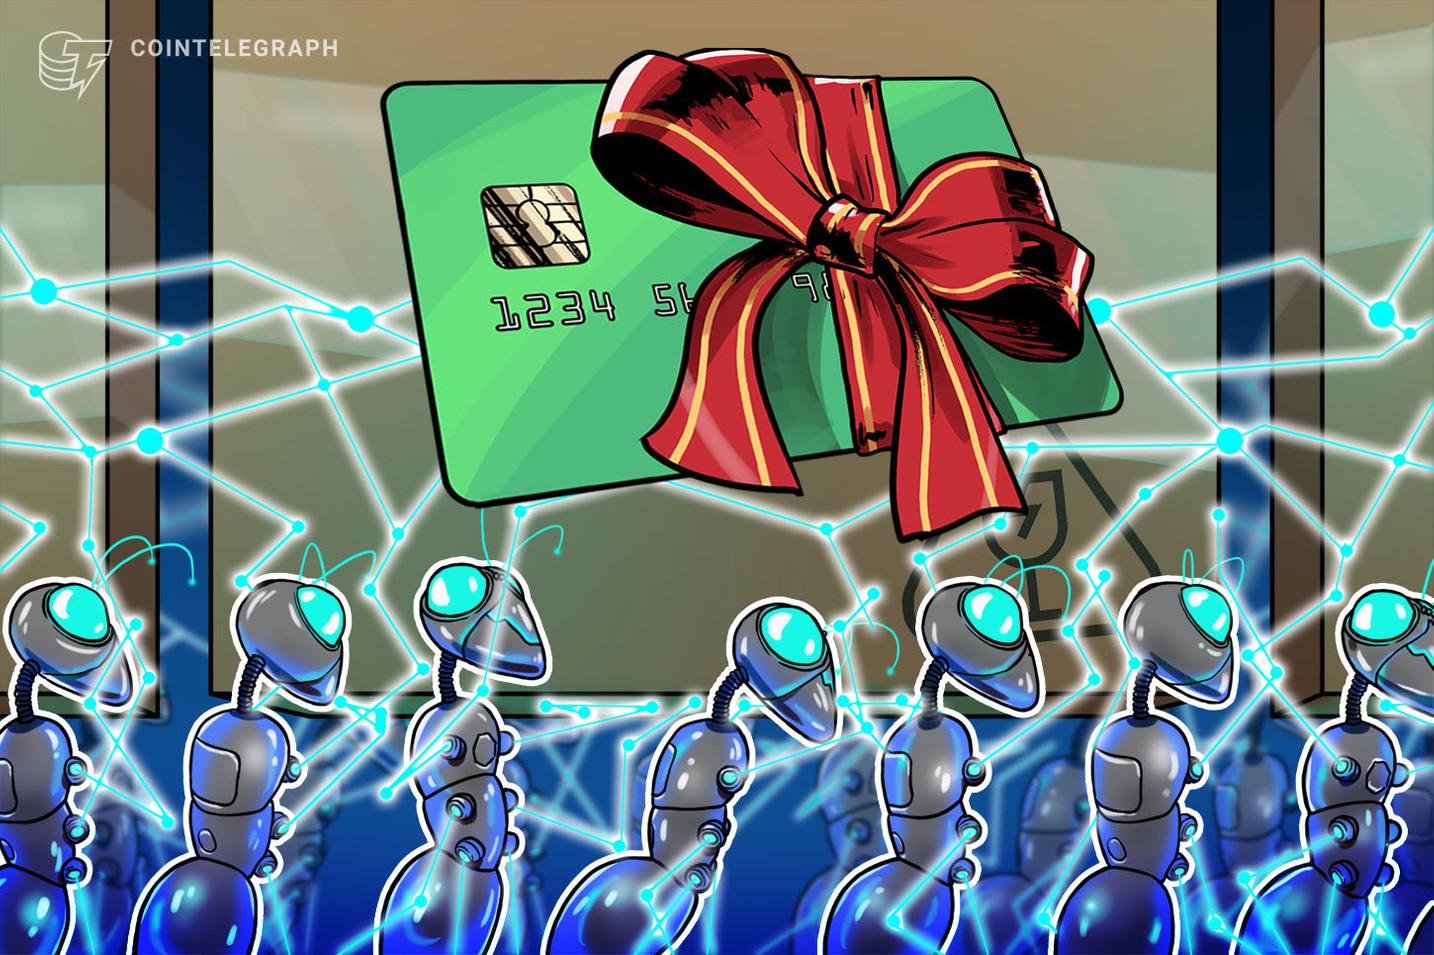 El mercado de tarjetas de regalos más grande de Japón lanza tarjetas blockchain